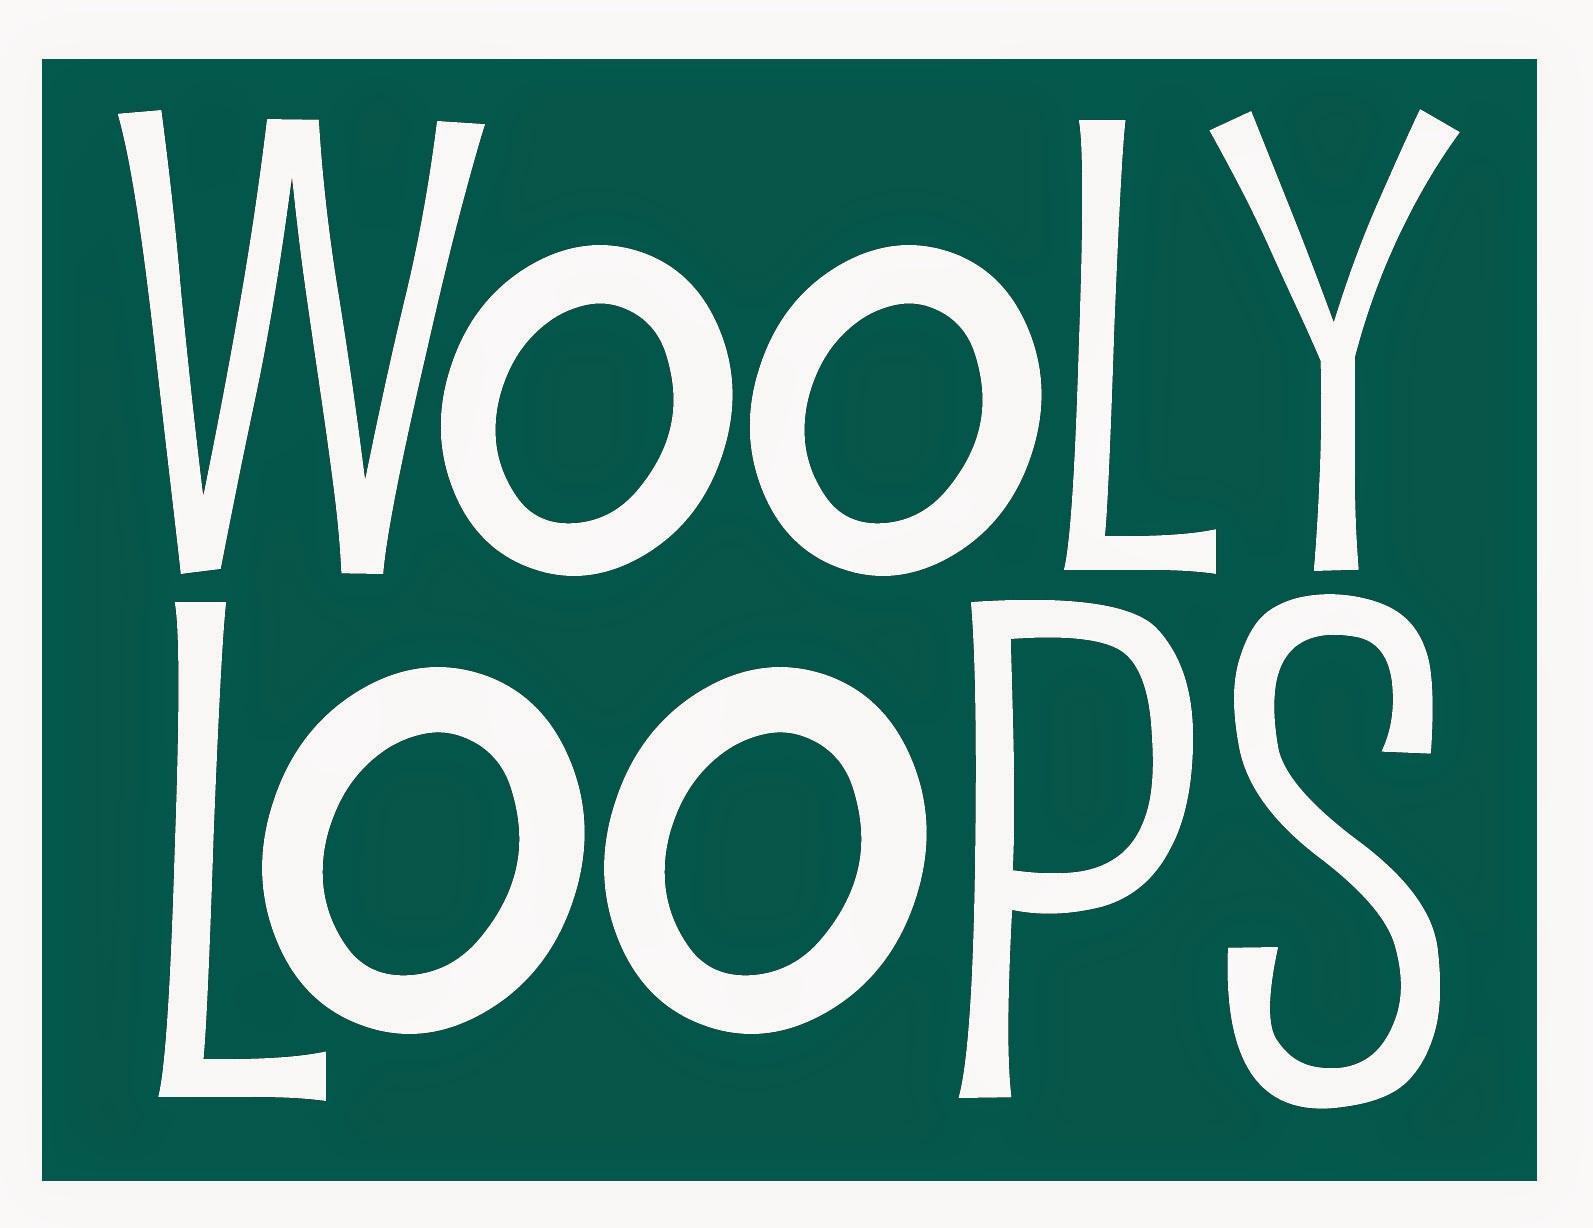 WoolyLoops